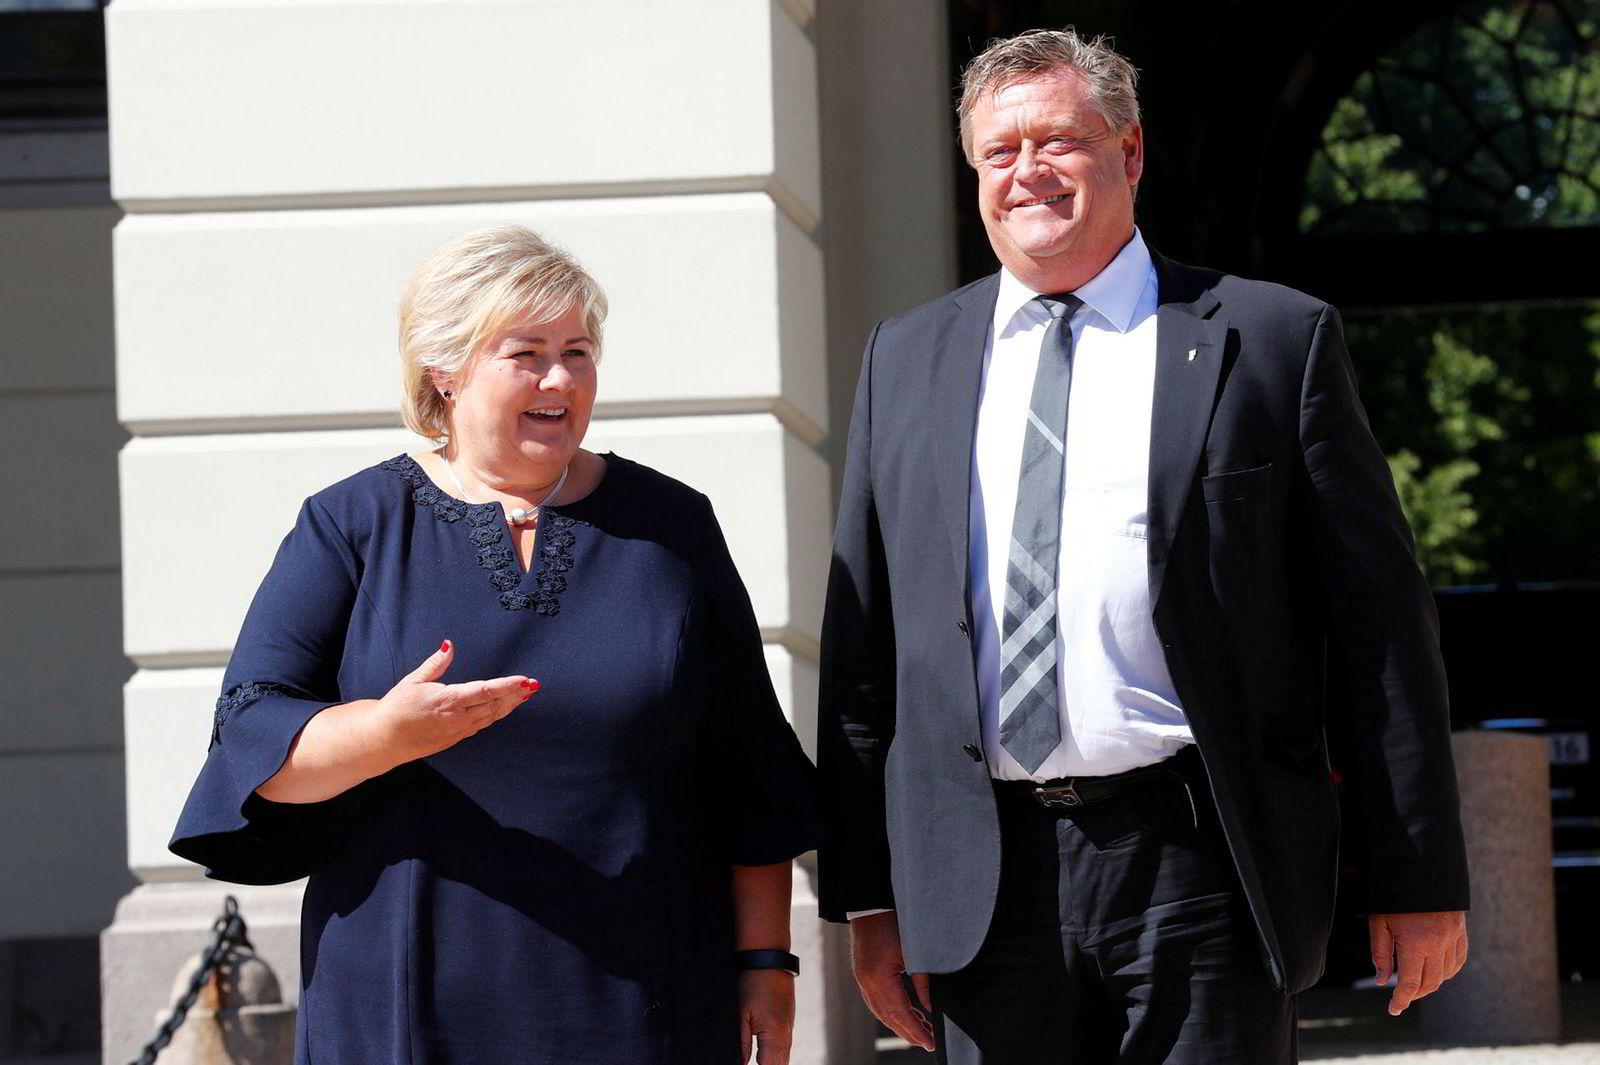 Statsminister Erna Solberg og nyutnevnt fiskeriminister Harald Tom Nesvik på Slottsplassen.